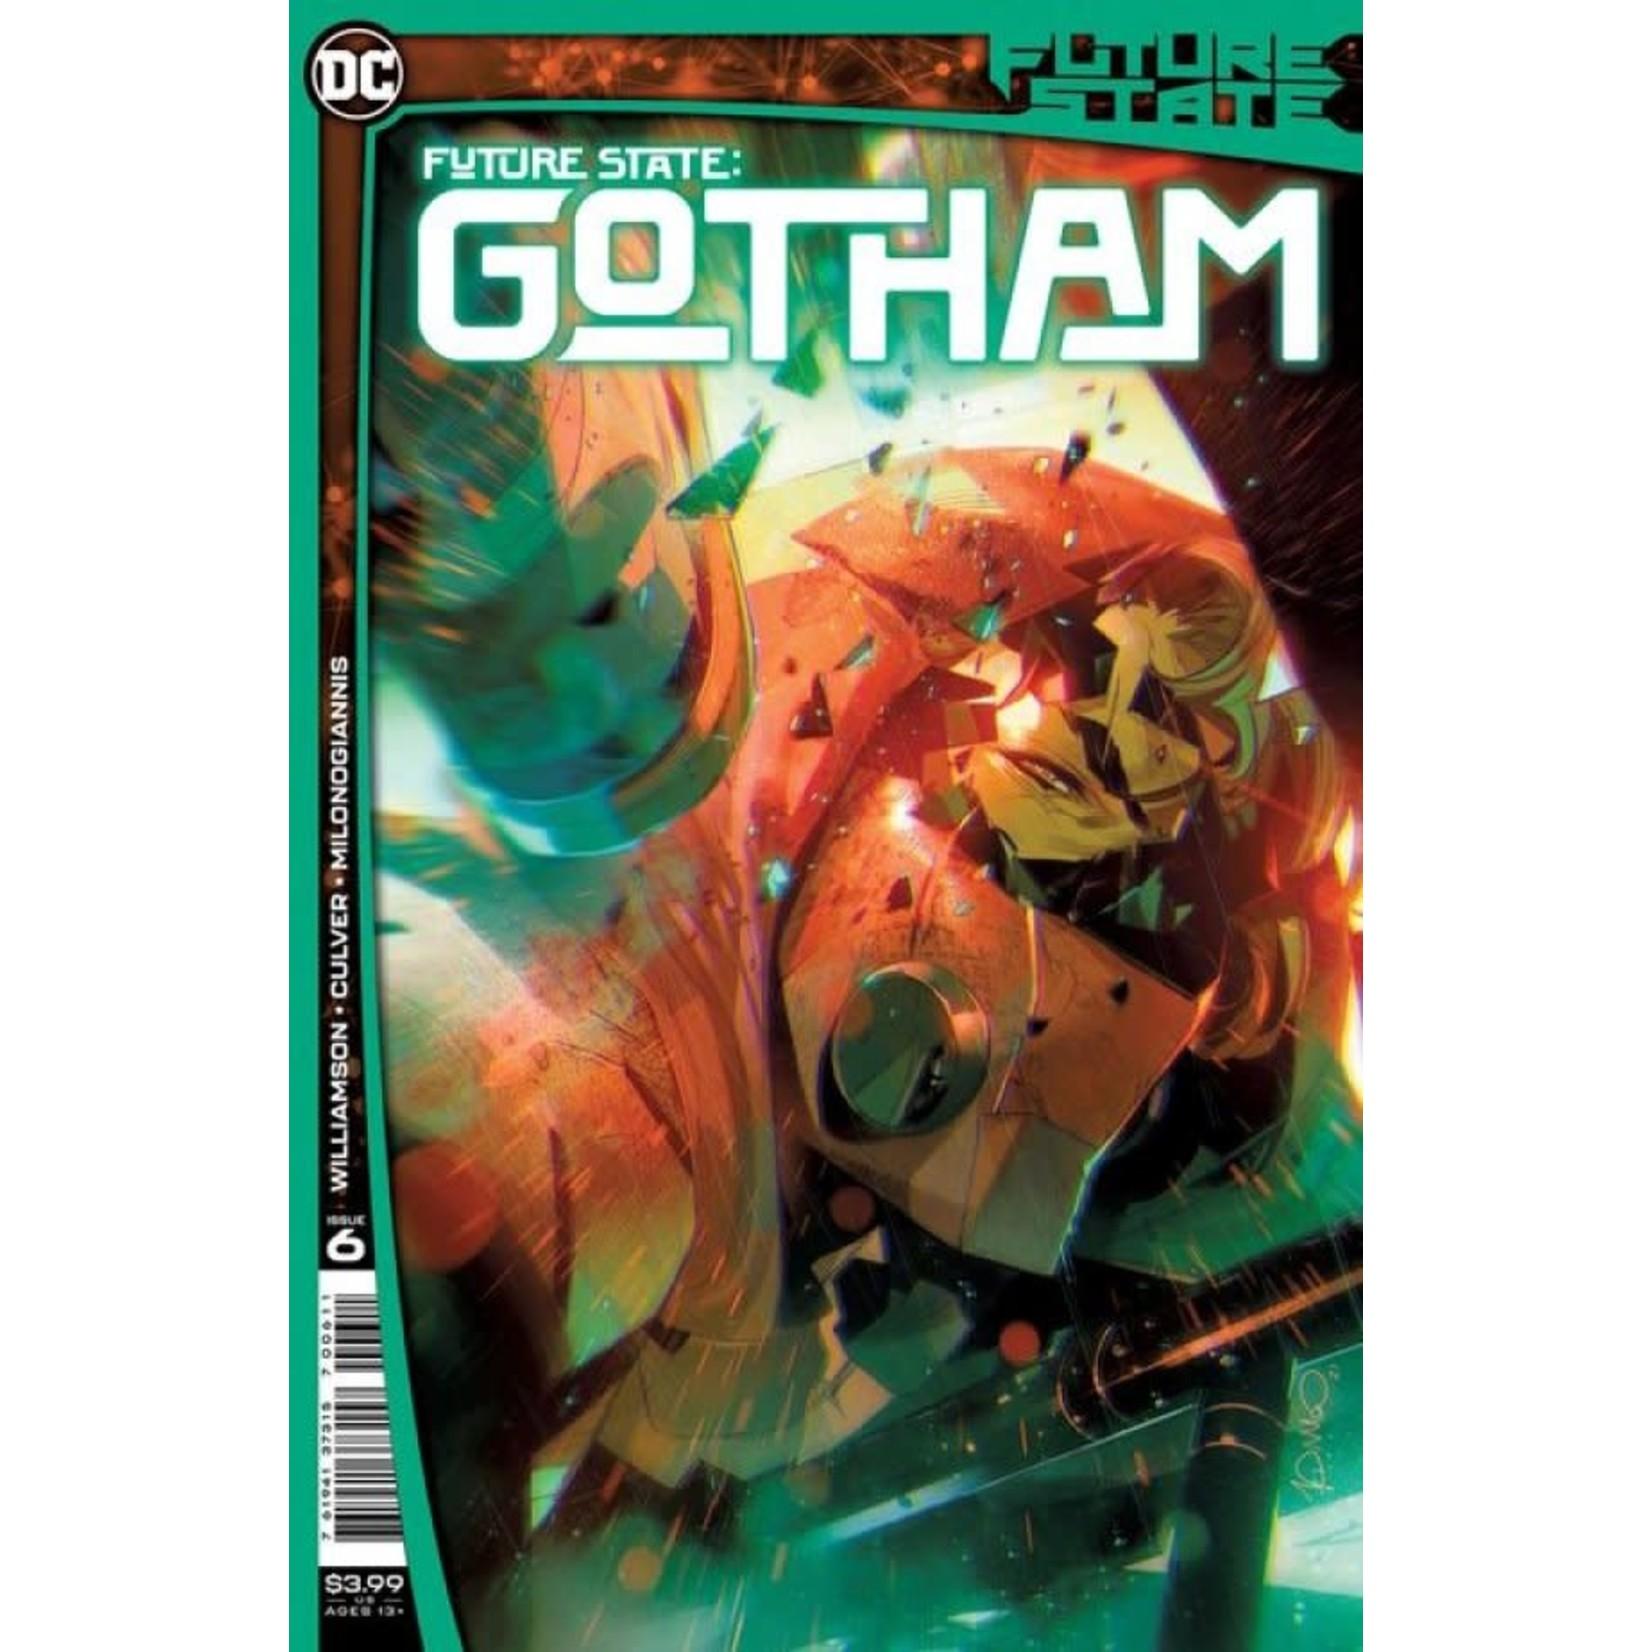 DC Comics Future State: Gotham #6